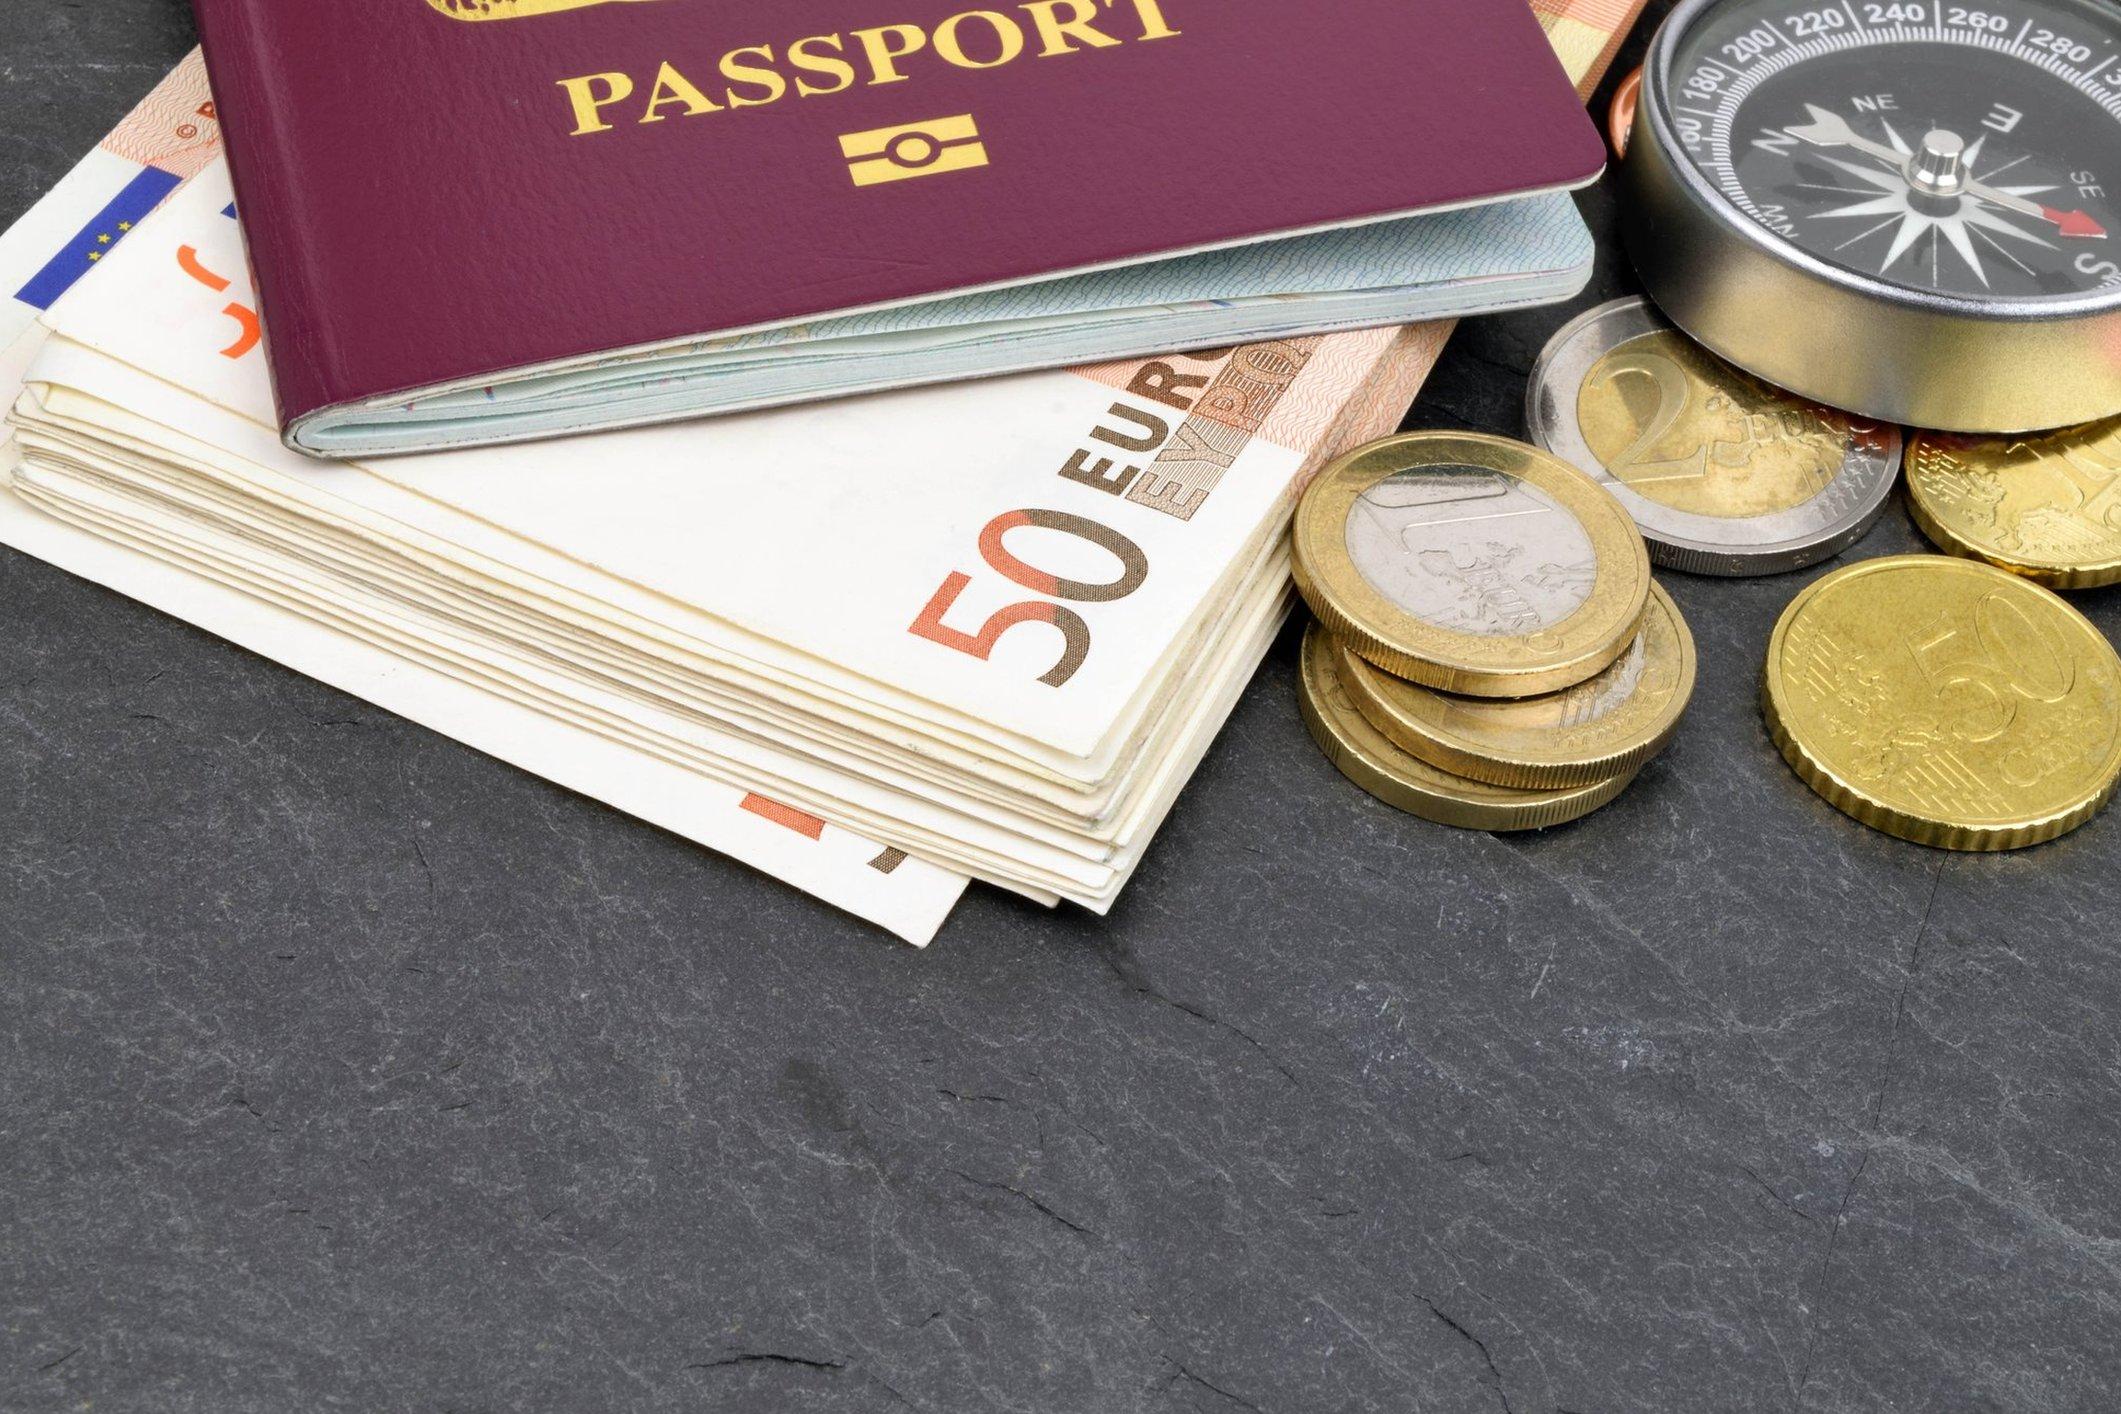 جواز السفر البريطاني هو الأغلى ثمناً